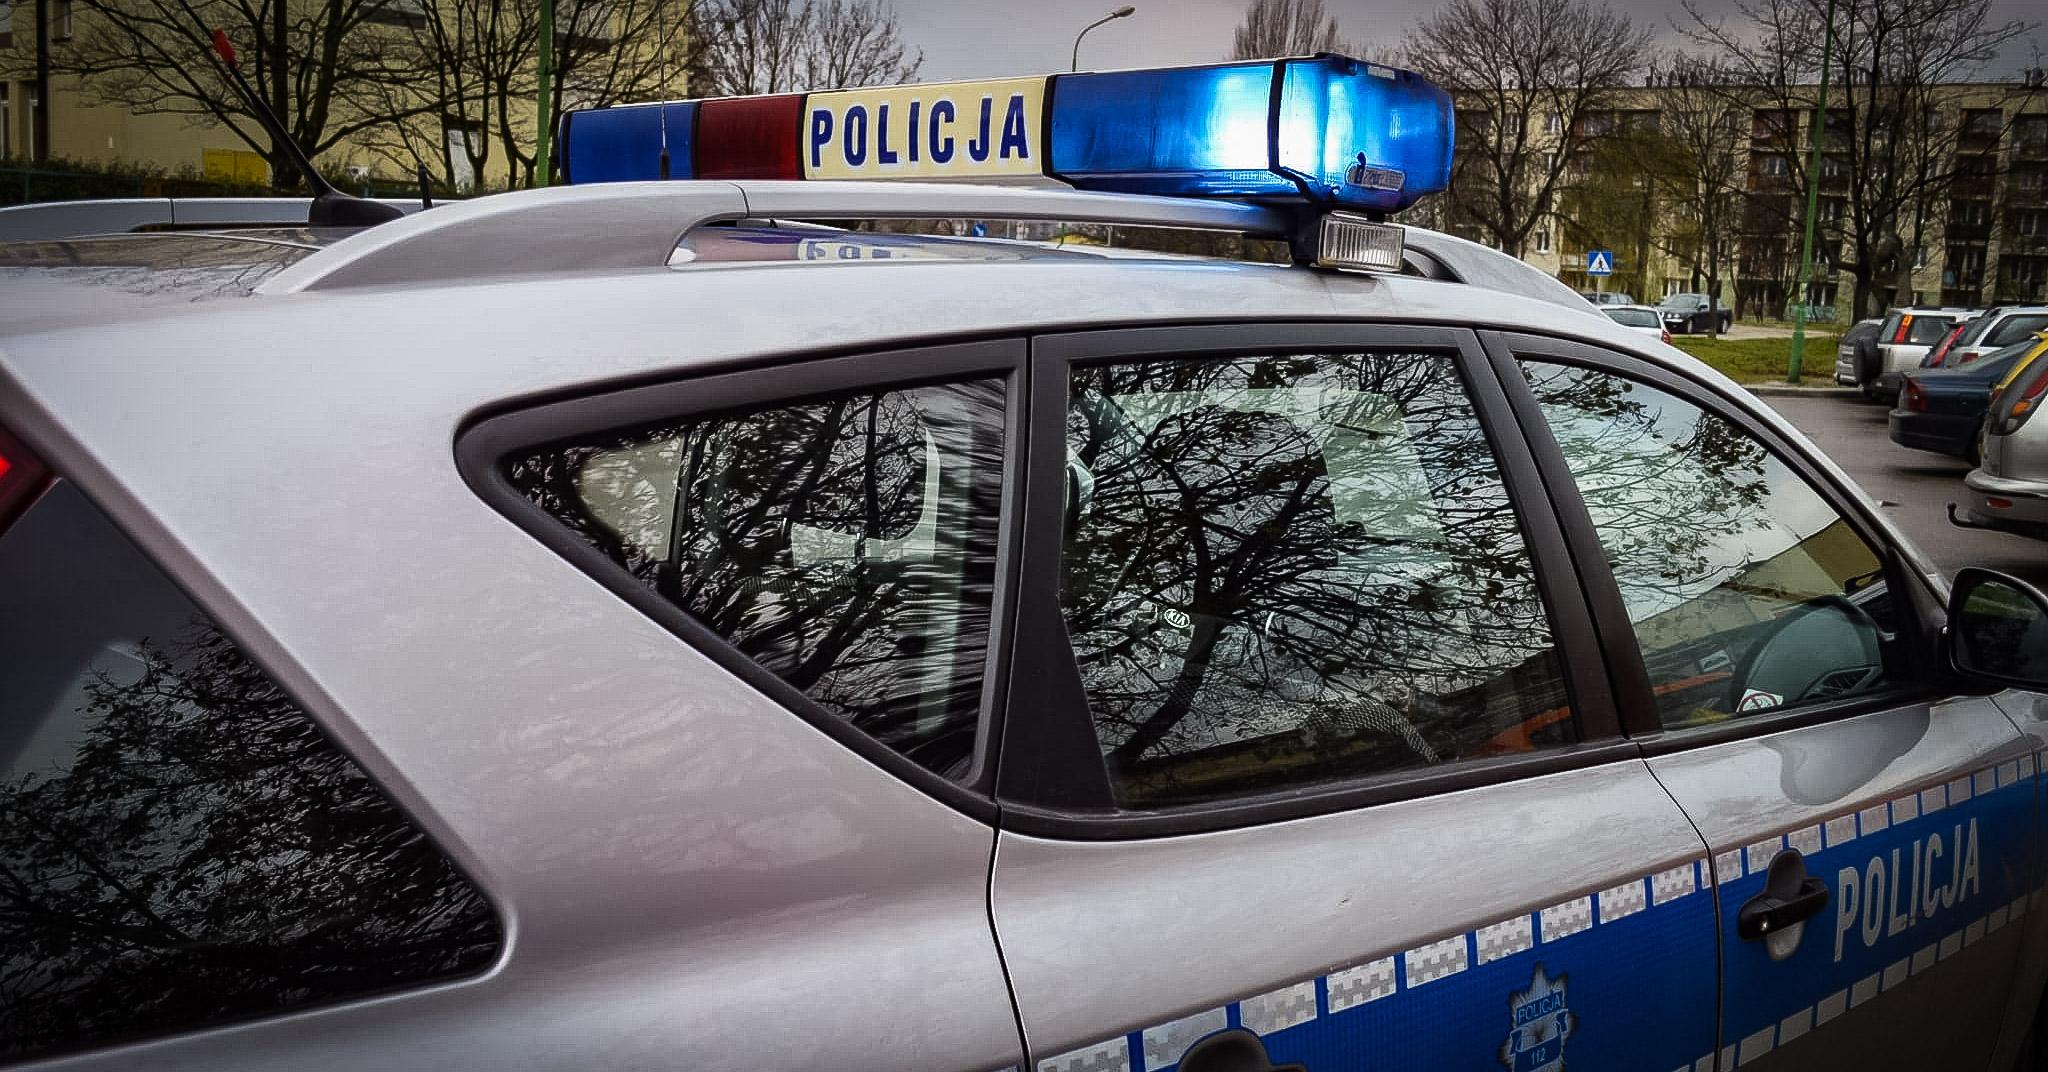 Mieszkańcy powiadomili o nietrzeźwym kierowcy. Miał ponad 2 promile alkoholu w organizmie - Zdjęcie główne